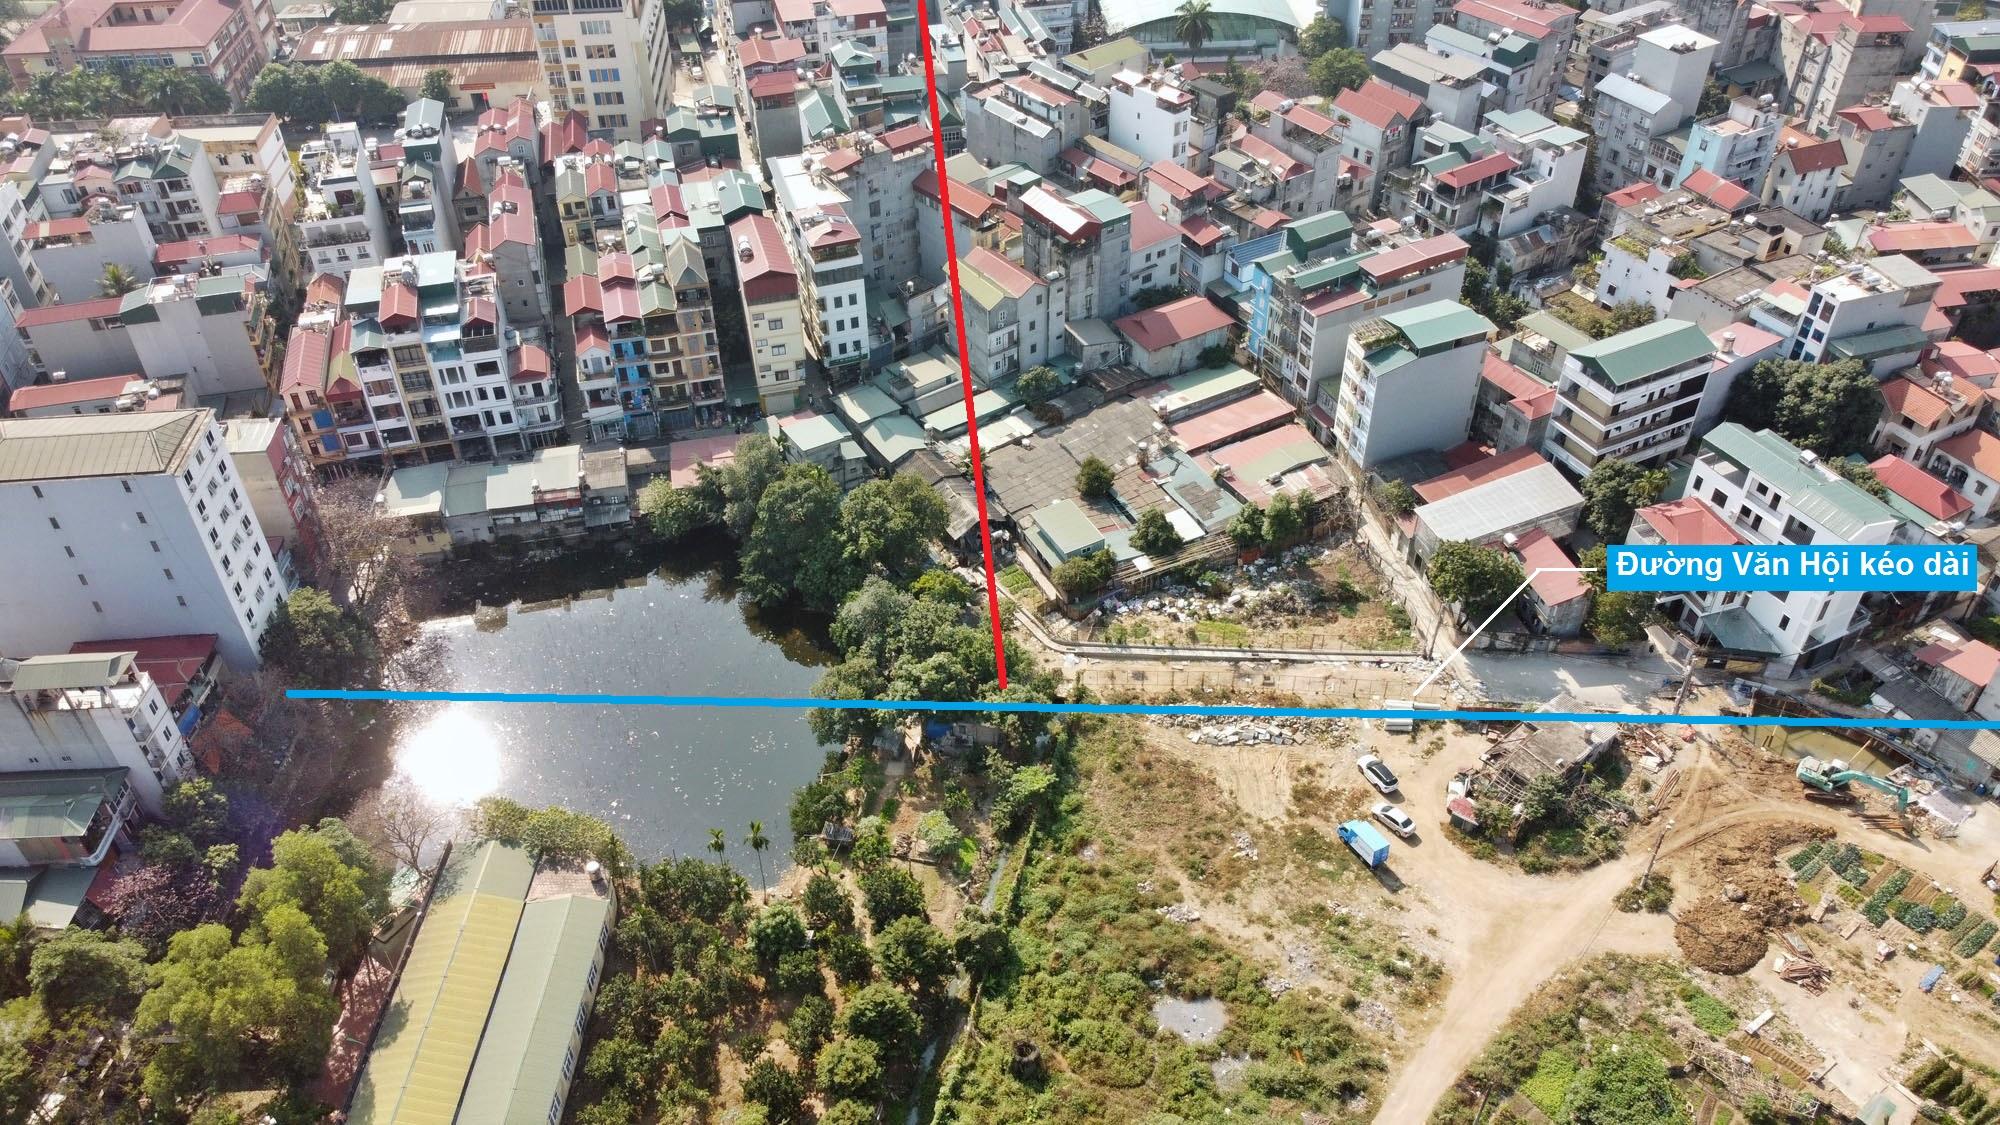 Ba đường sẽ mở theo qui hoạch ở phường Đức Thắng, Bắc Từ Liêm, Hà Nội (phần 2) - Ảnh 8.